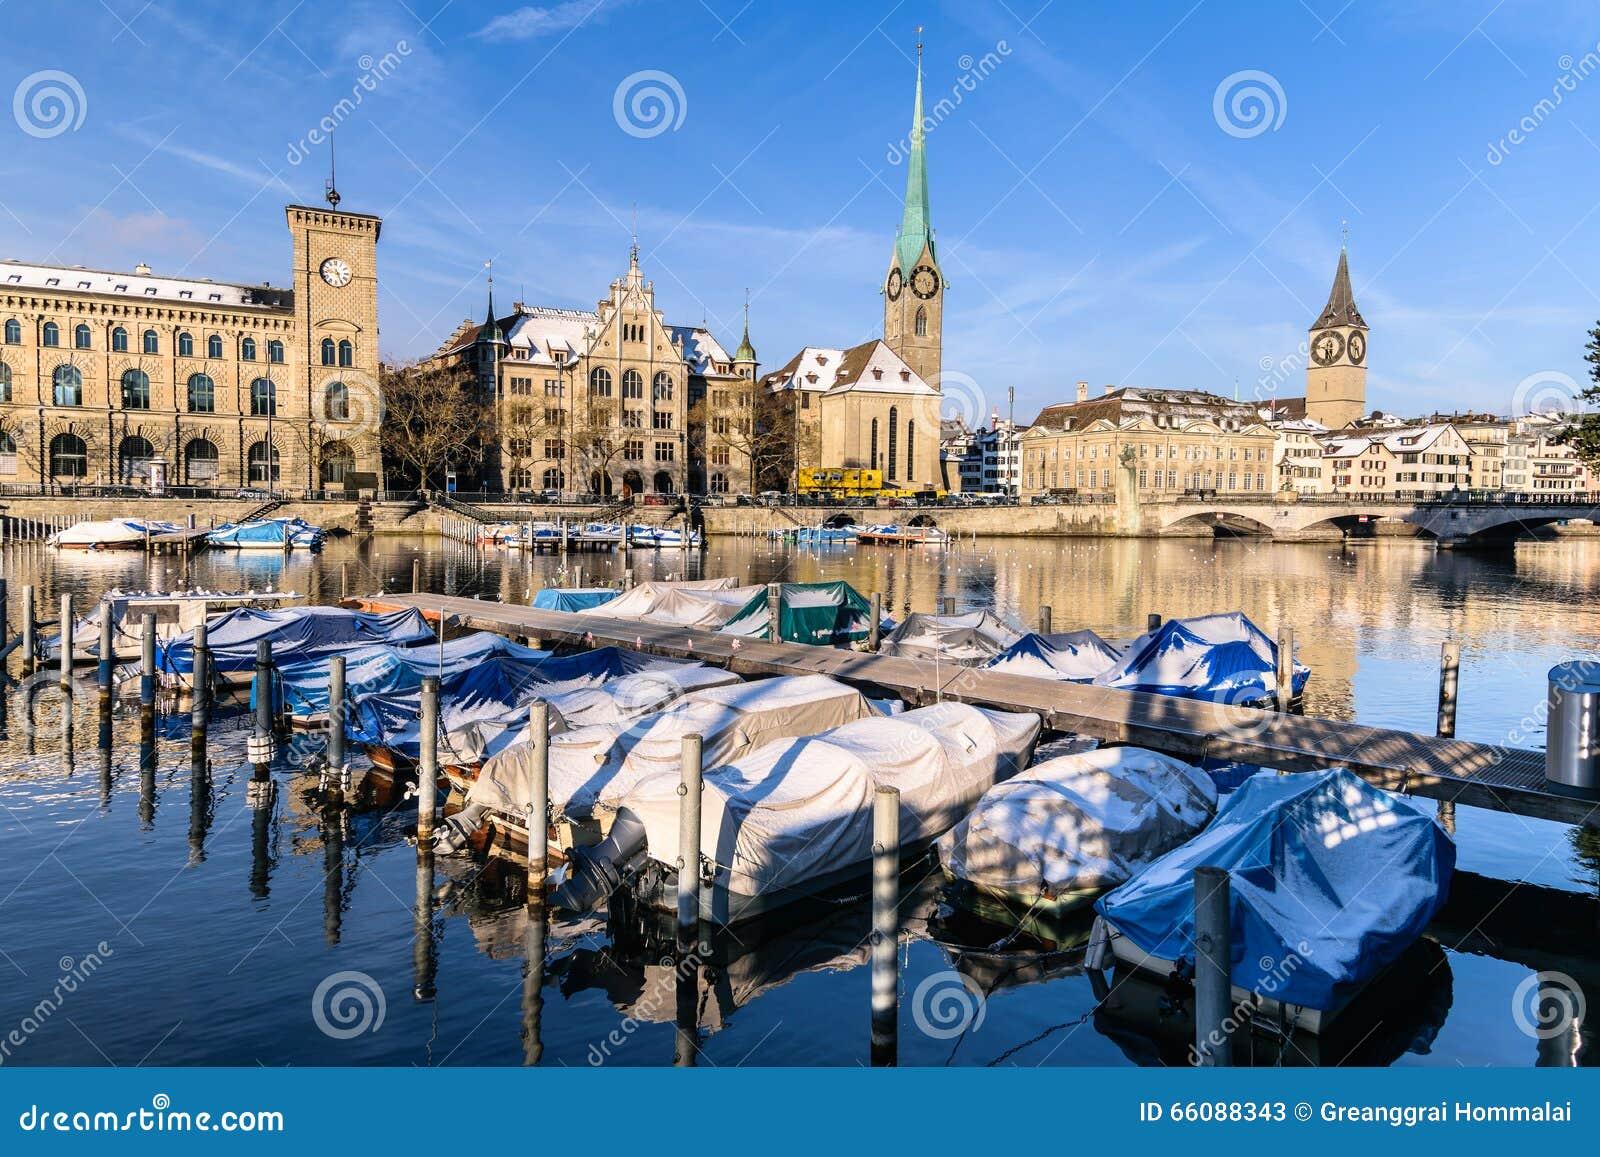 Ville de zurich en hiver suisse photo stock image 66088343 for Piscine zurich